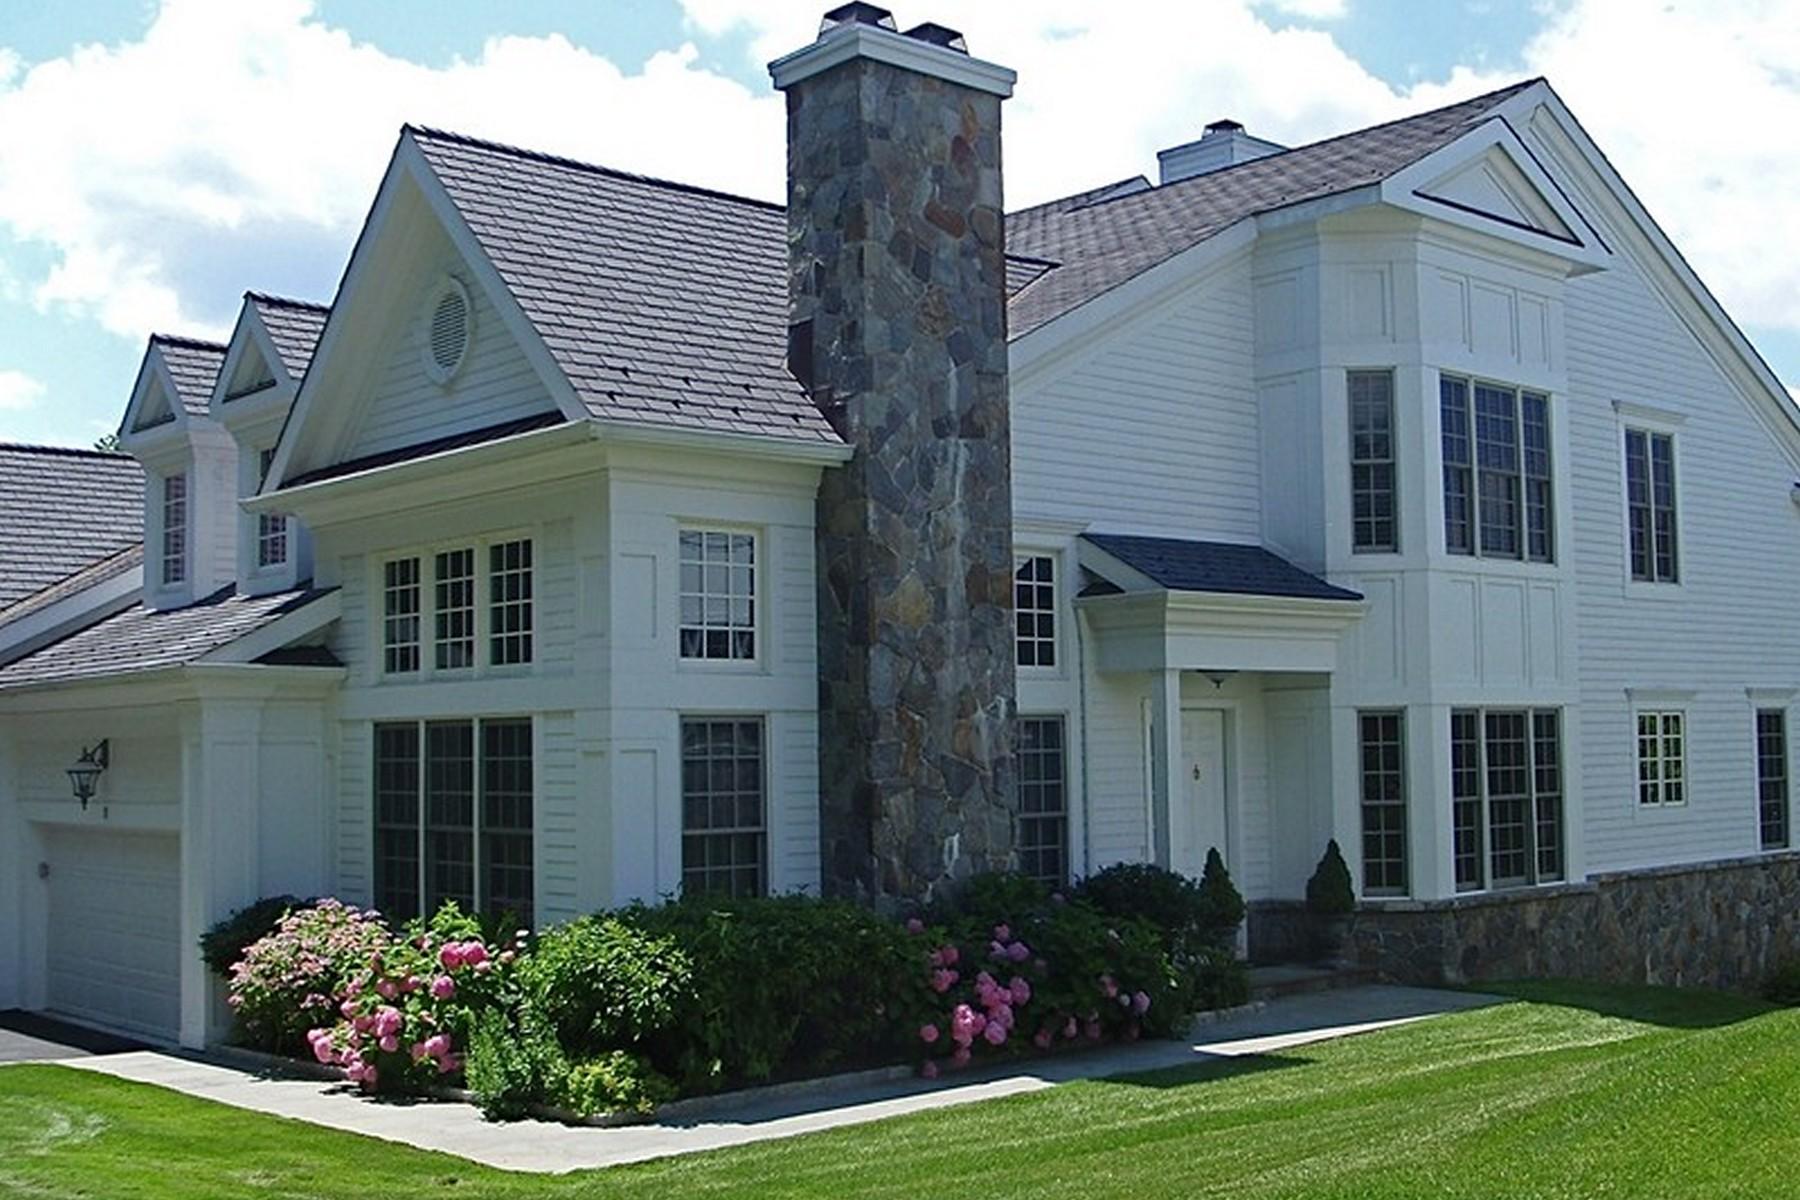 联栋屋 为 销售 在 Luxurious Elegant Townhouse 8 Shadow Tree Lane 布莱尔克里夫庄园, 纽约州 10510 美国